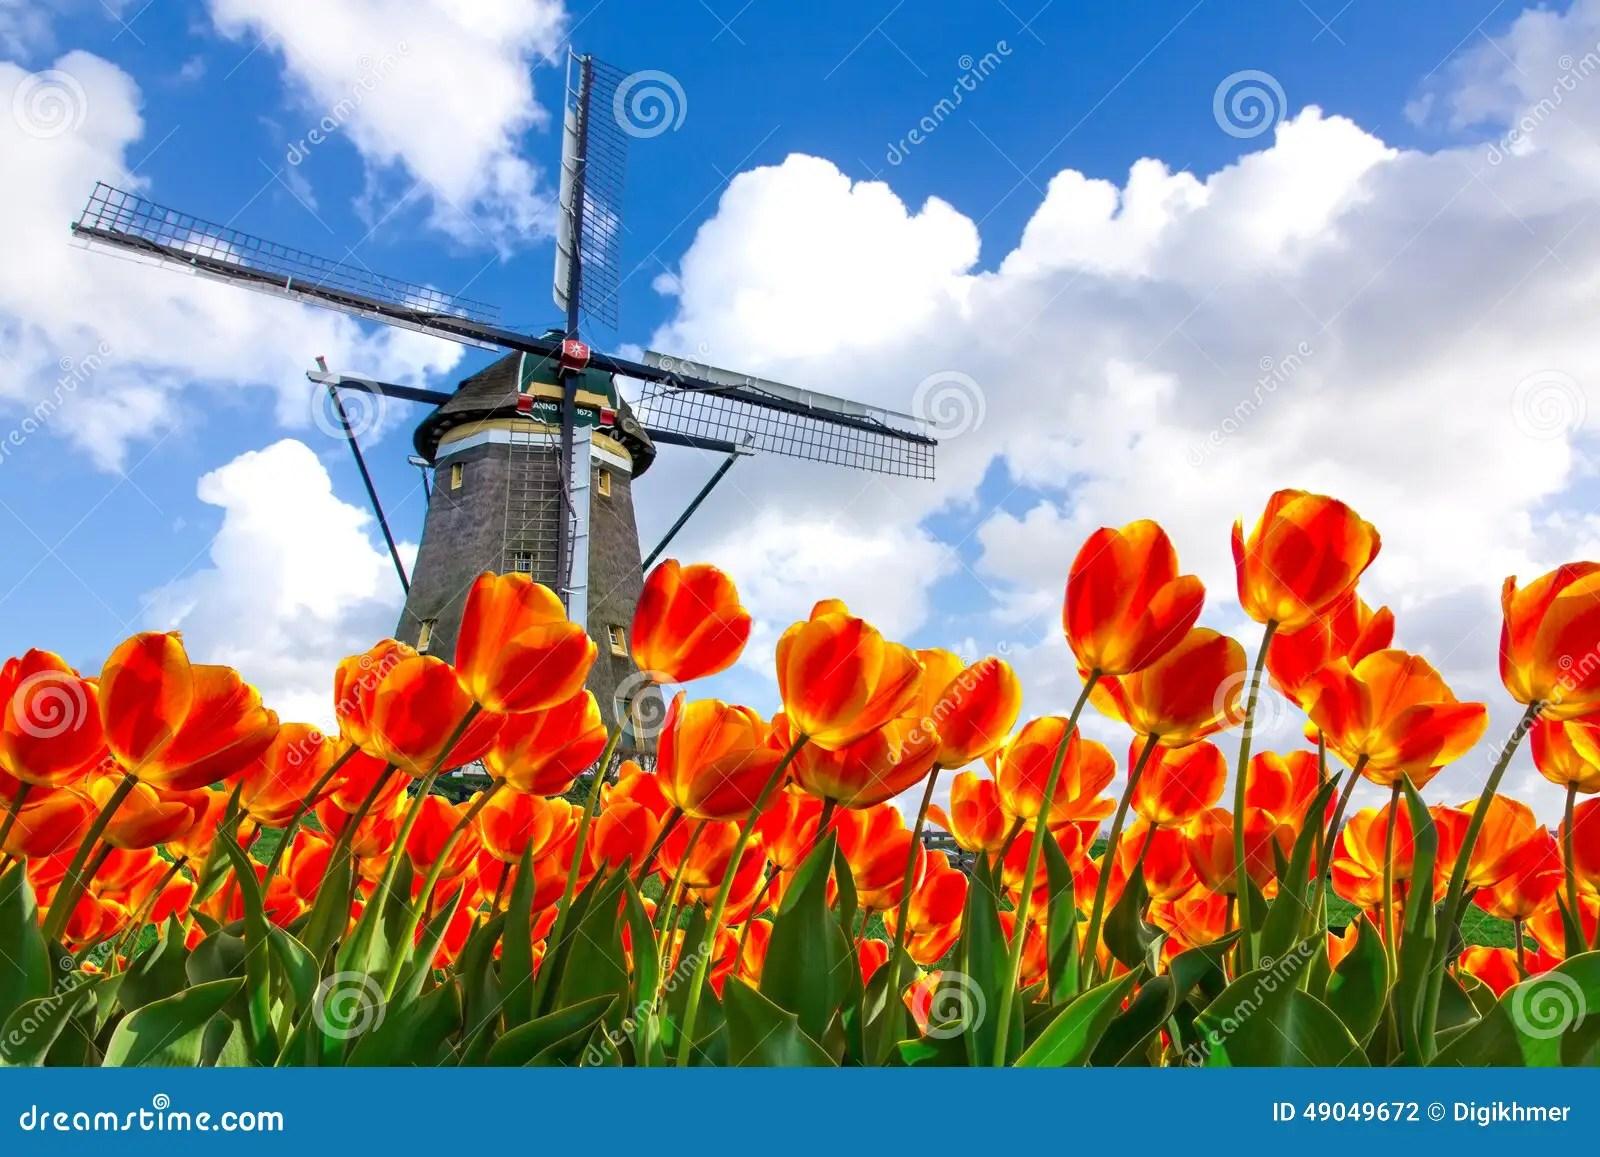 Paesaggio Olandese Del Mulino A Vento Del Tulipano